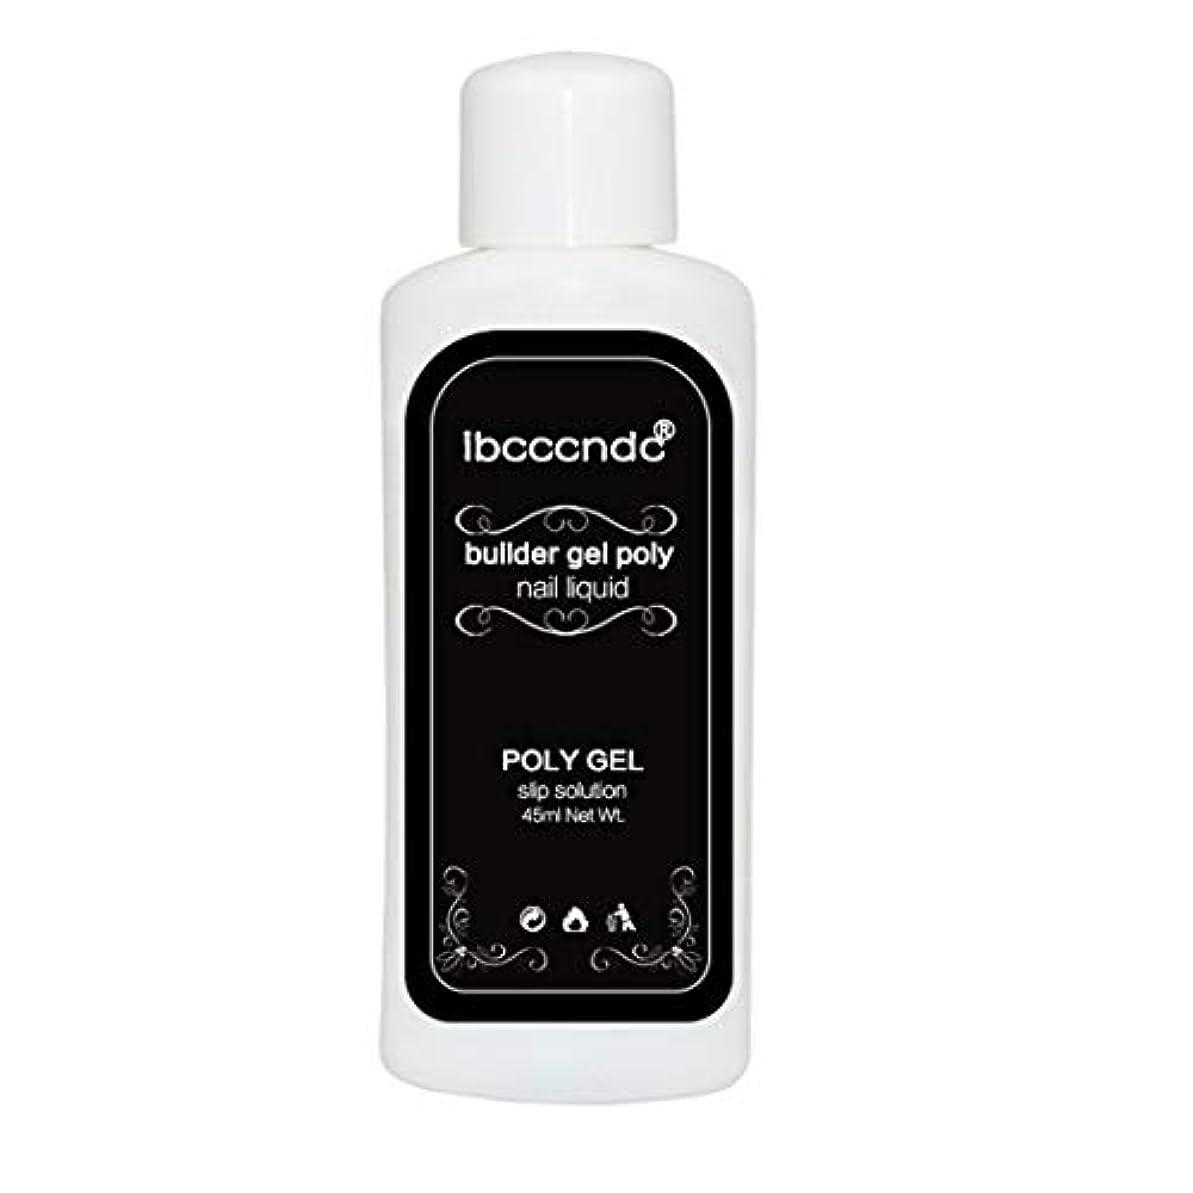 軽食超高層ビルキノコSwiftgood 伸長ポリゲルスリップ溶液ビルダーゲルポリSZ00297